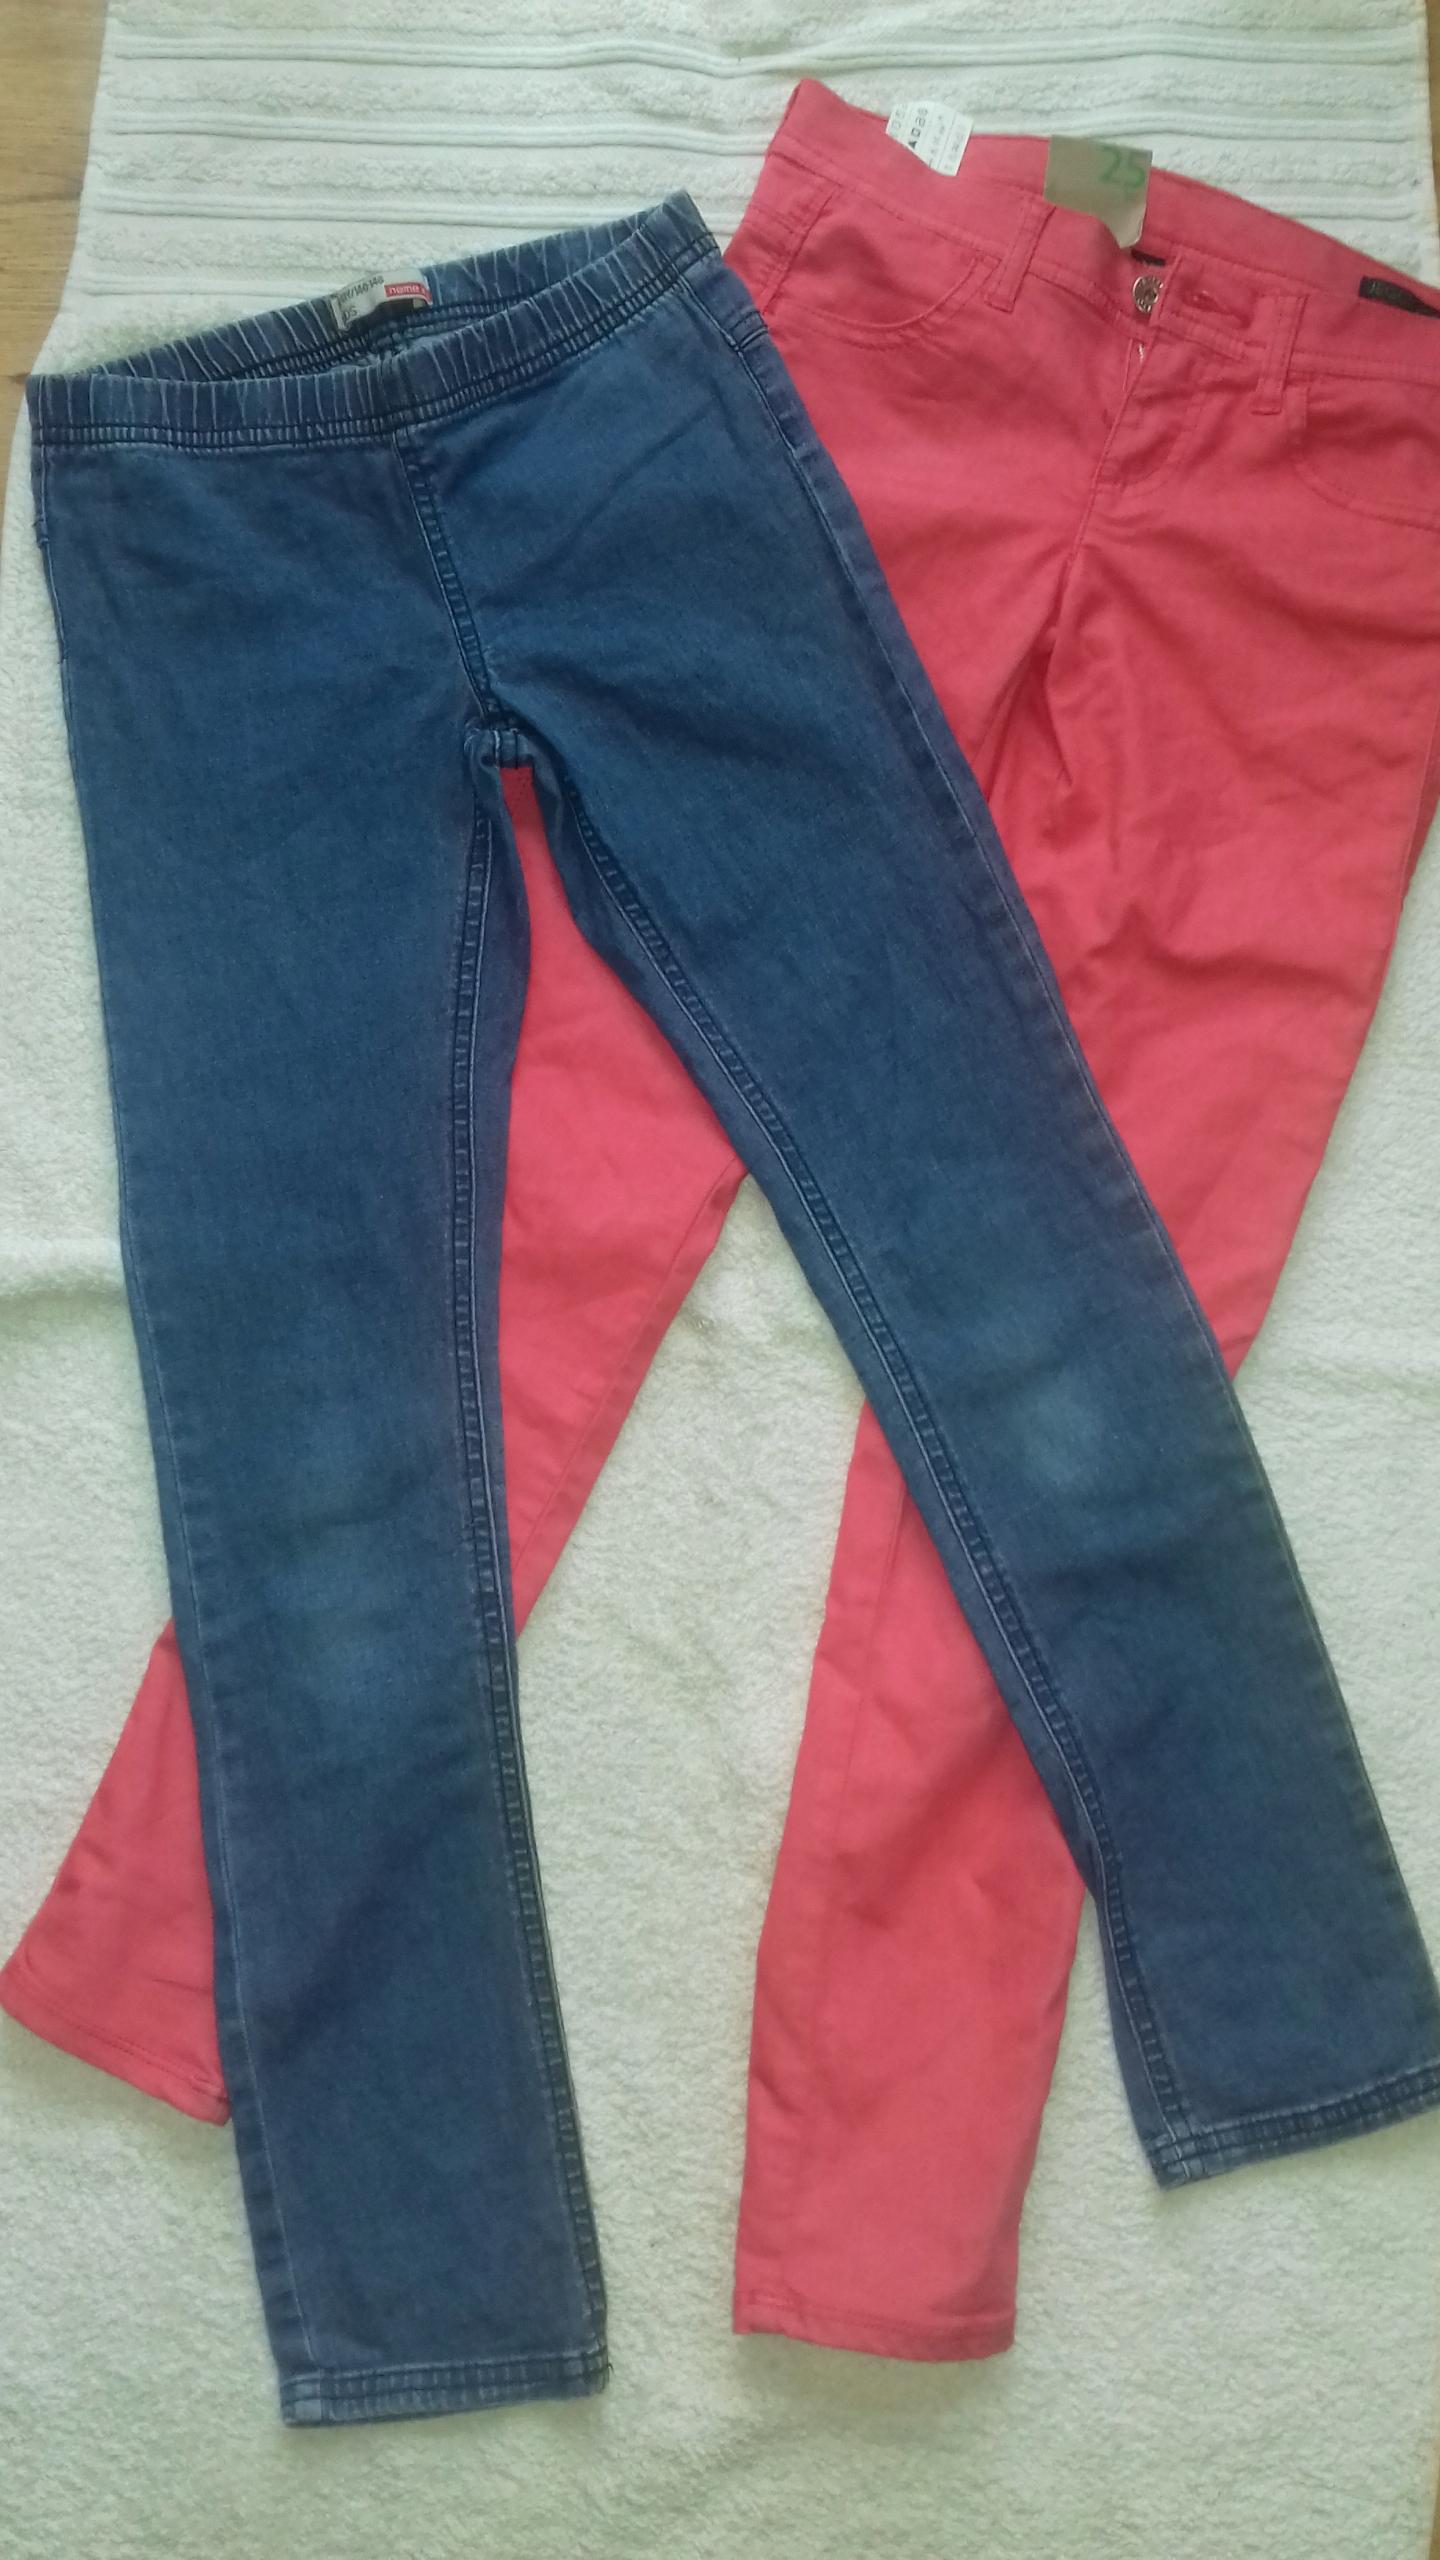 6a90ad8d279429 Name it 2x spodnie dziewczęce stylowe 146-152 - 7675146142 ...